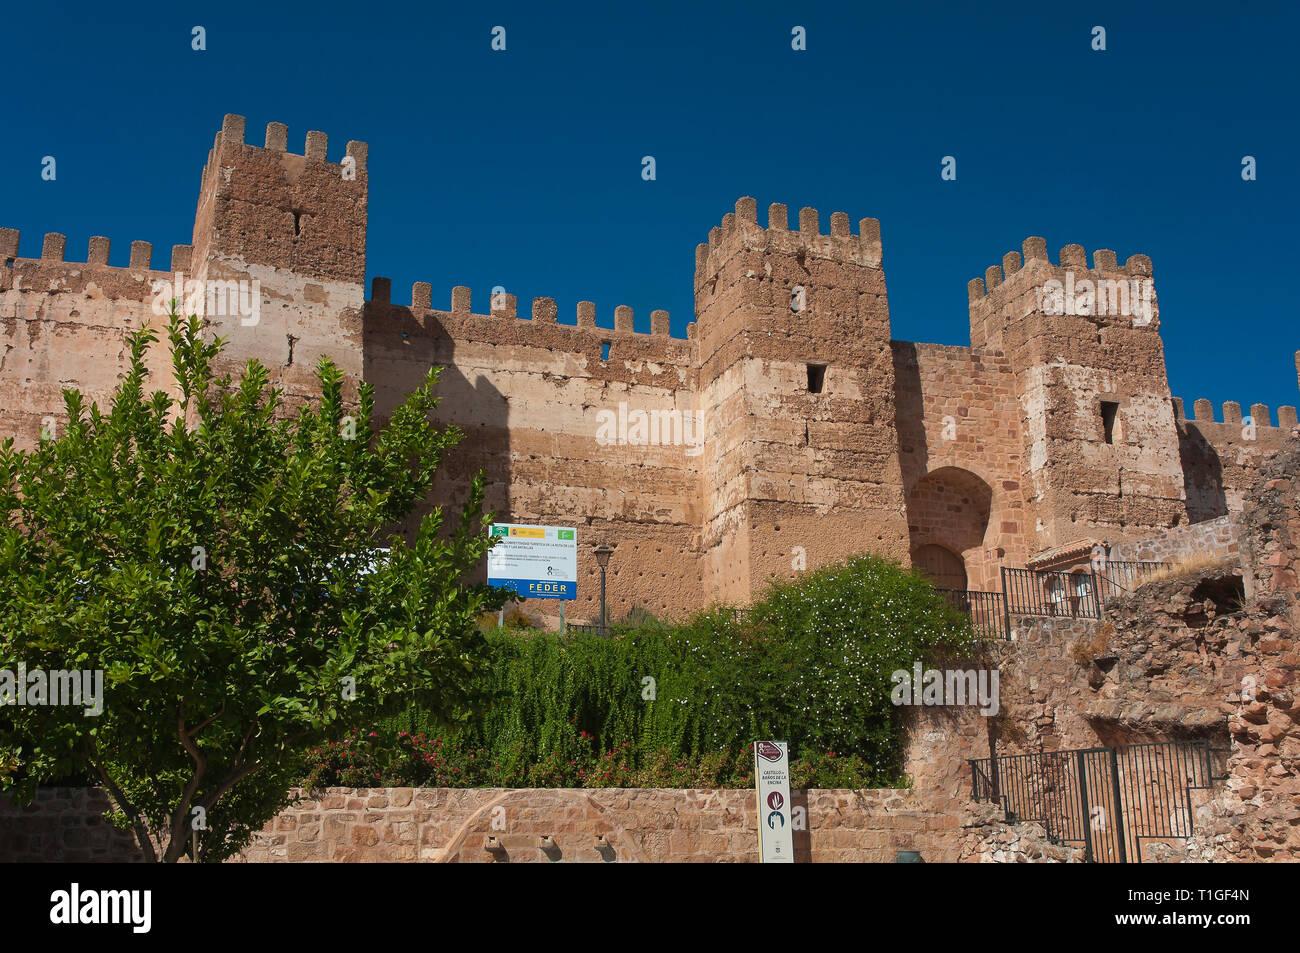 Castle of Burgalimar (10th century). Baños de la Encina. Jaen province. Region of Andalusia. Spain. Europe - Stock Image